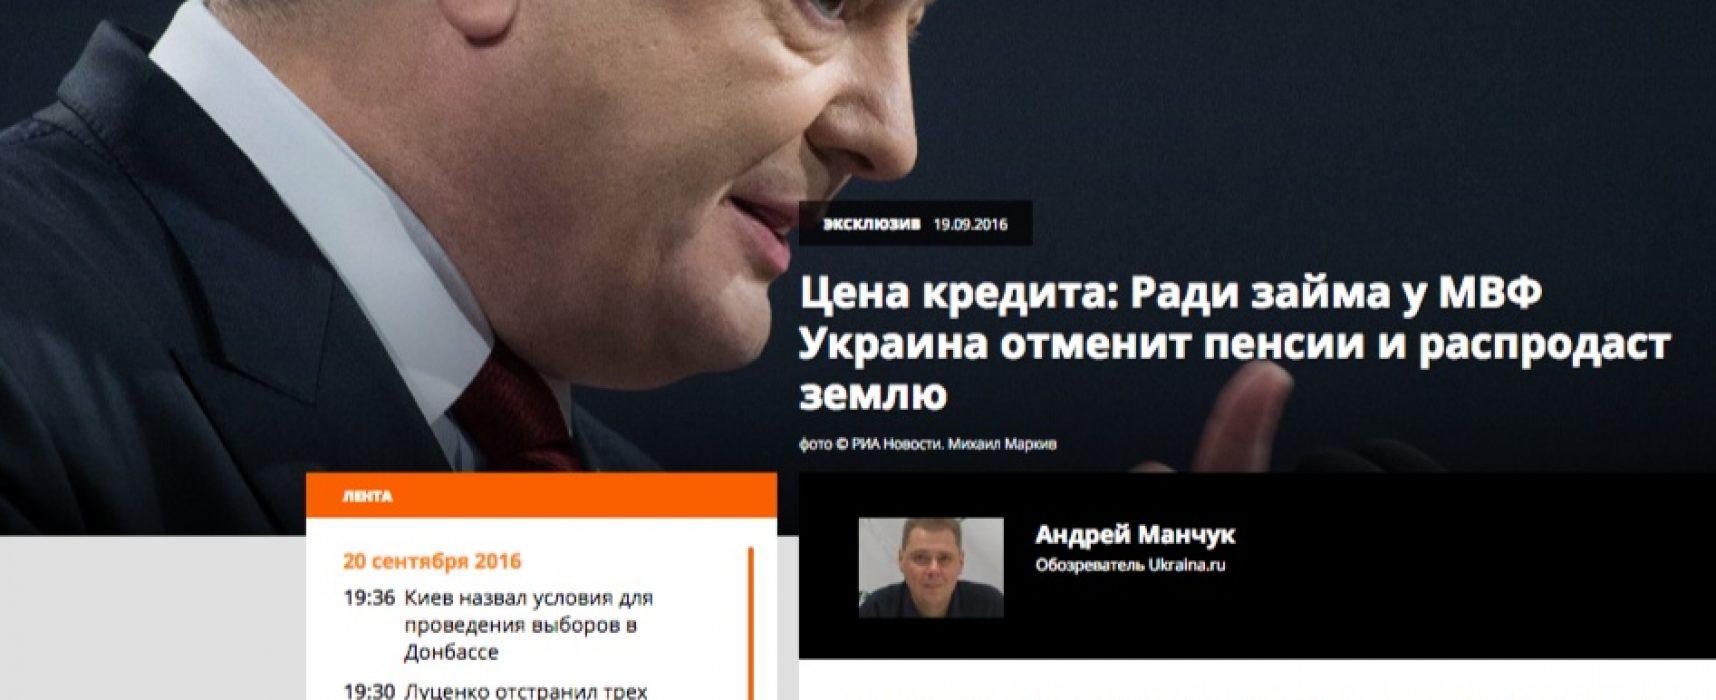 Falso: Para obtener el préstamo del FMI Ucrania cancelará las jubilaciones y venderá la tierra